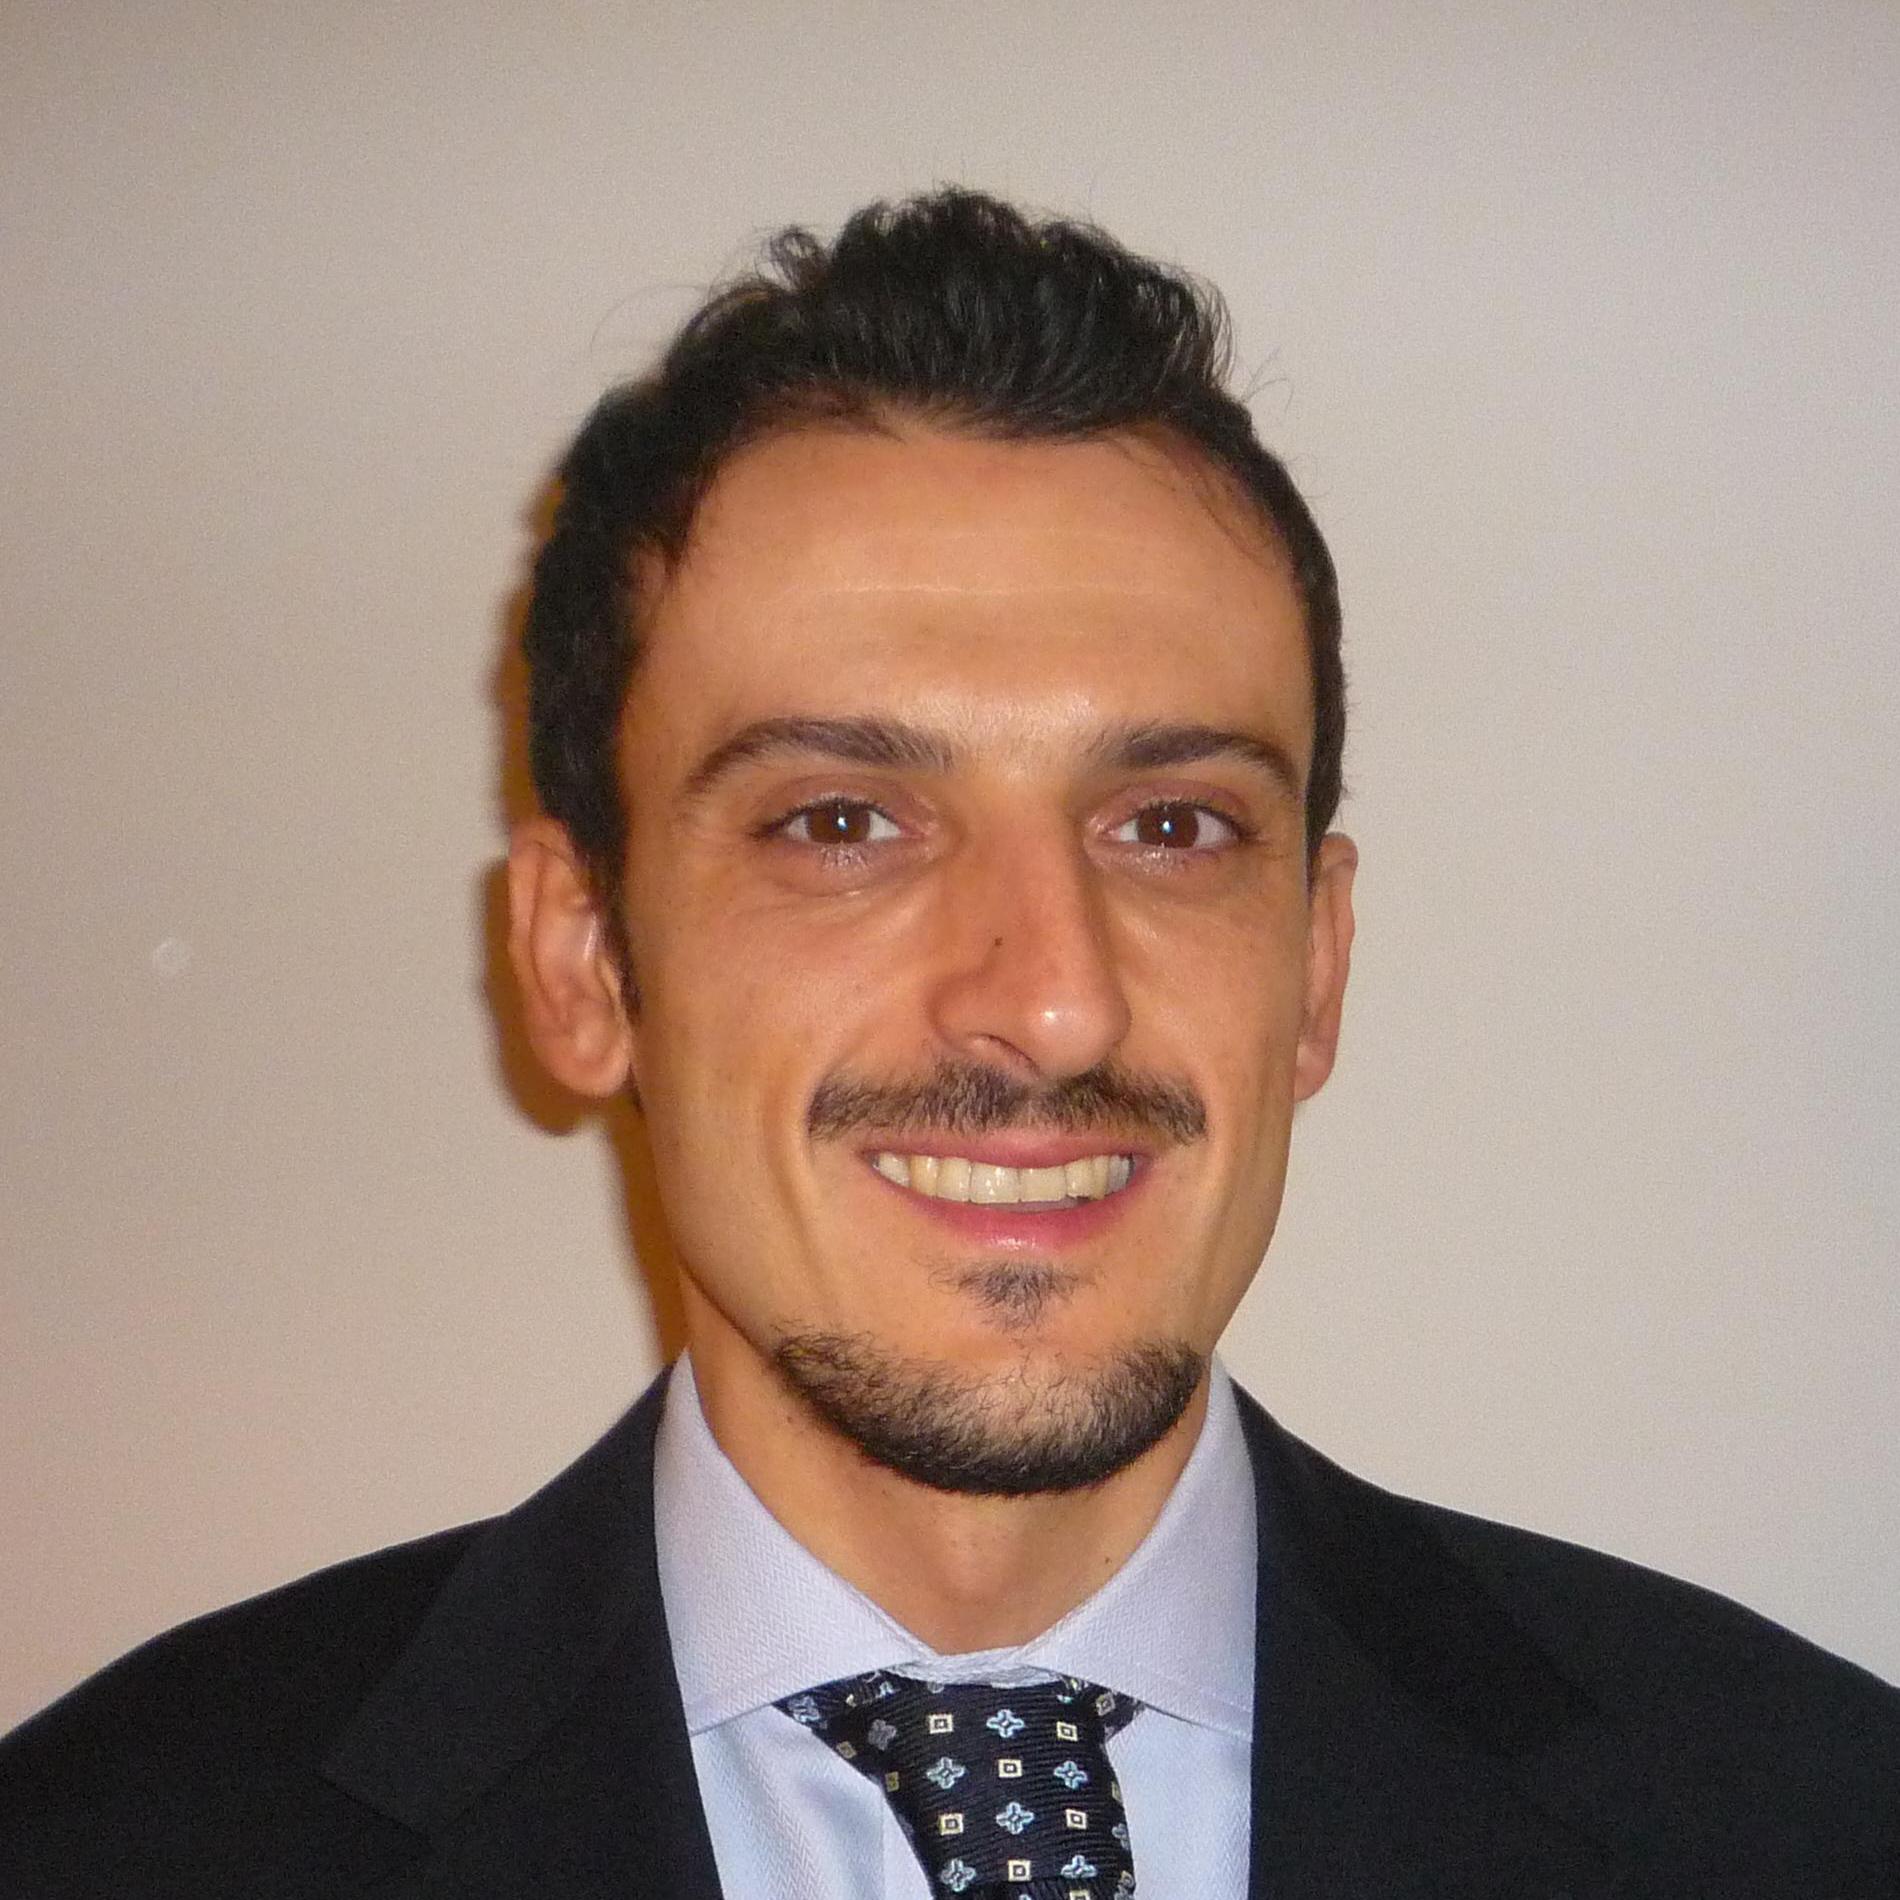 Marco Barilli